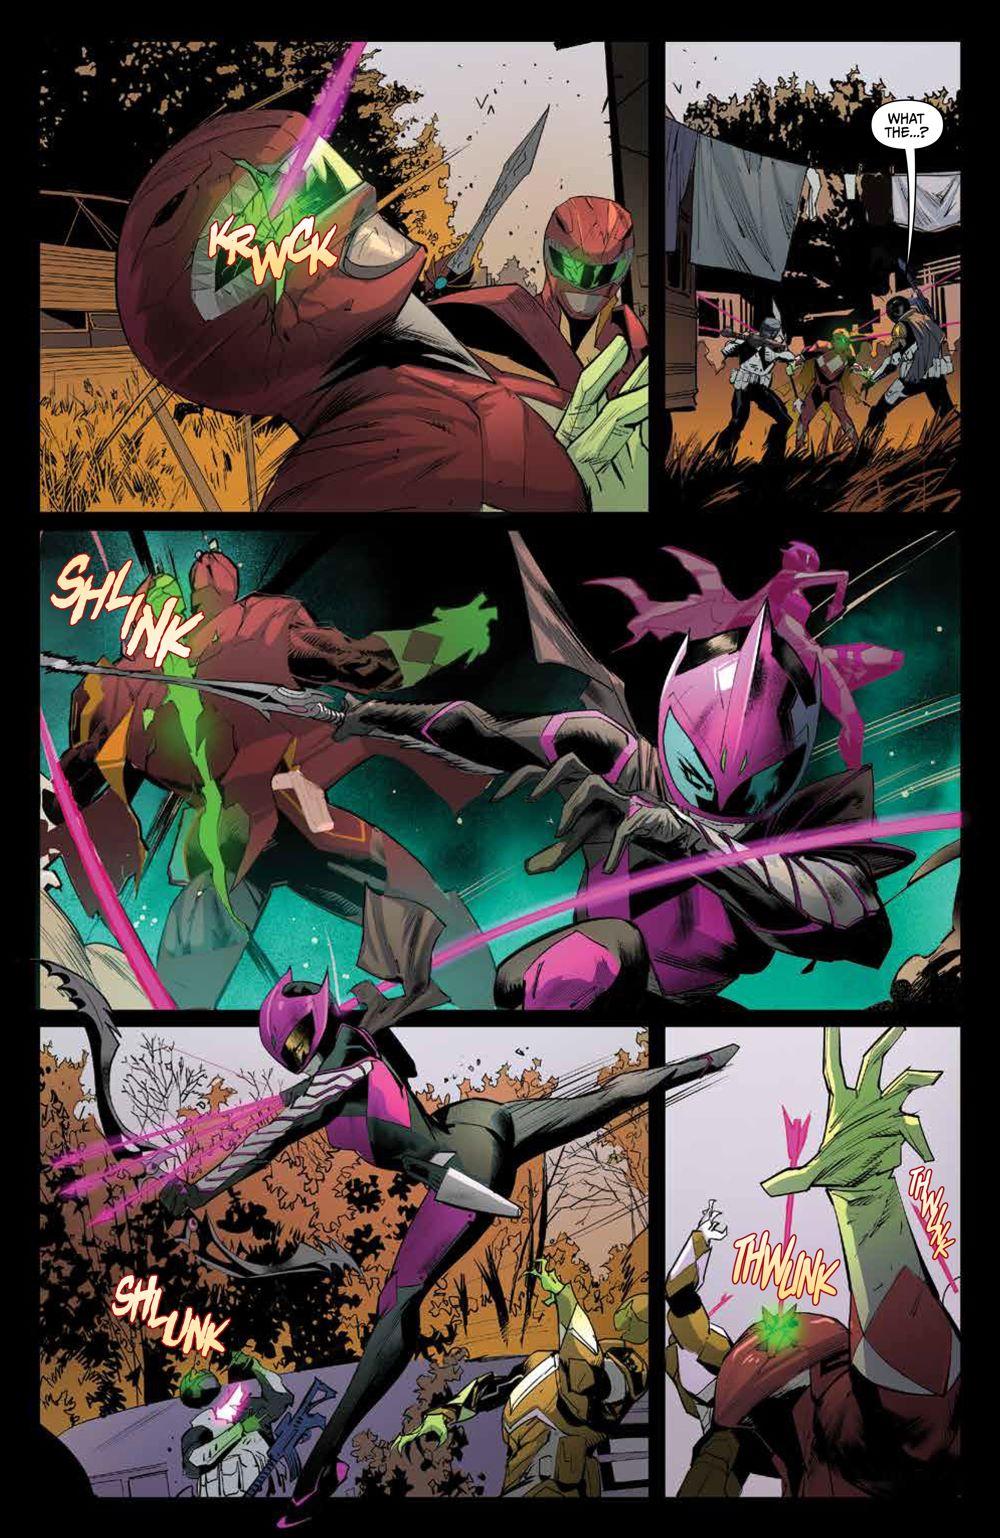 DrakkonNewDawn_SC_PRESS_11 ComicList Previews: POWER RANGERS DRAKKON NEW DAWN TP